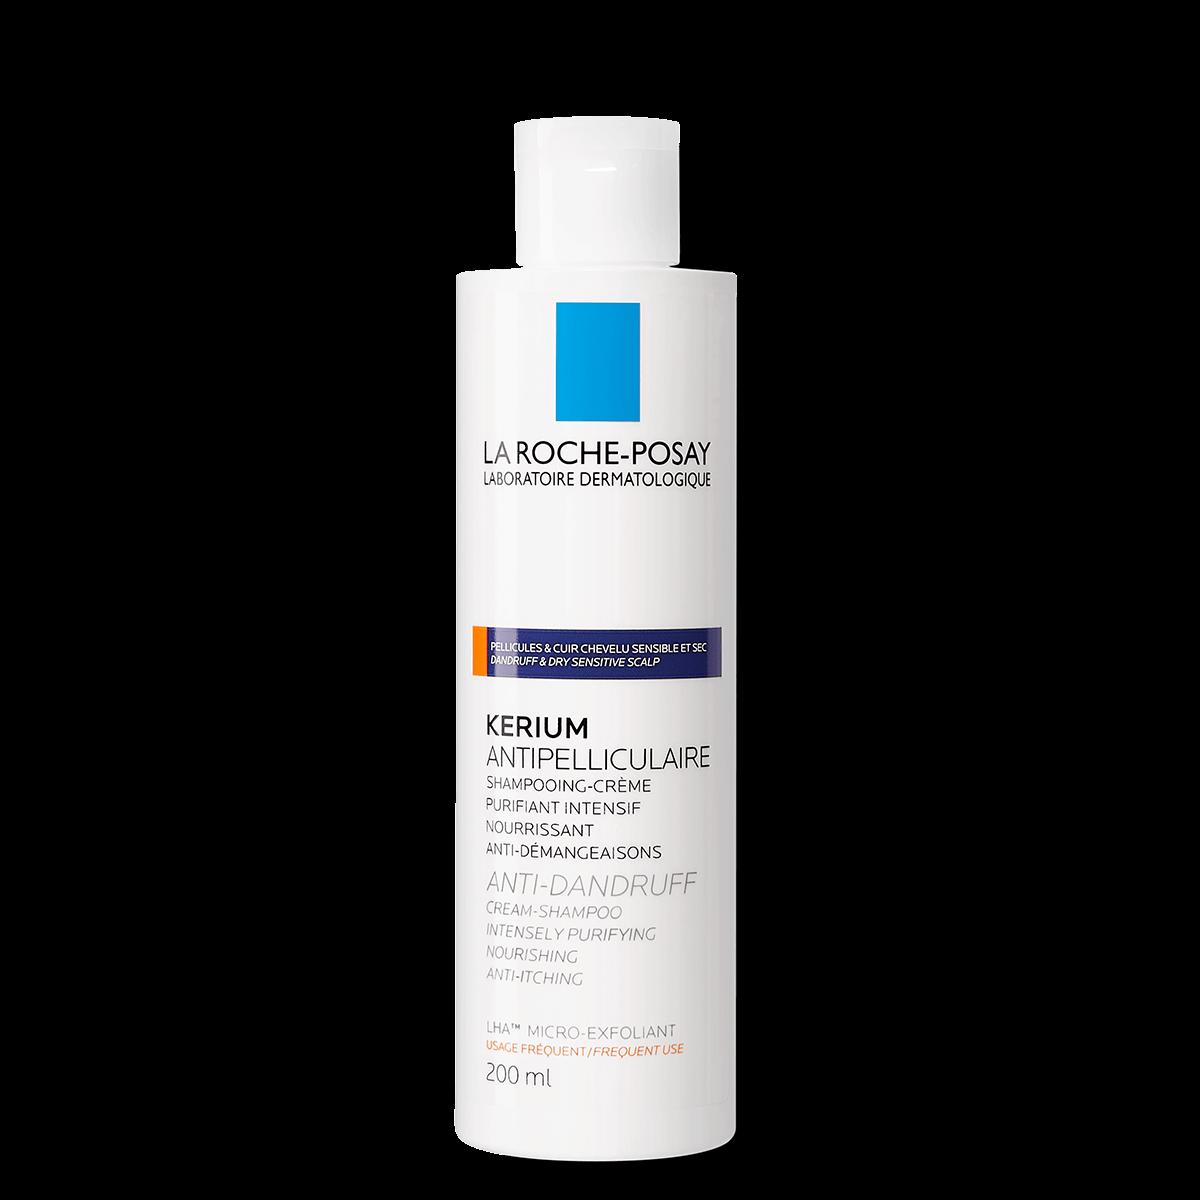 La Roche Posay ProductPage Kerium Care Kerium Anti Dandruff Cream Sham